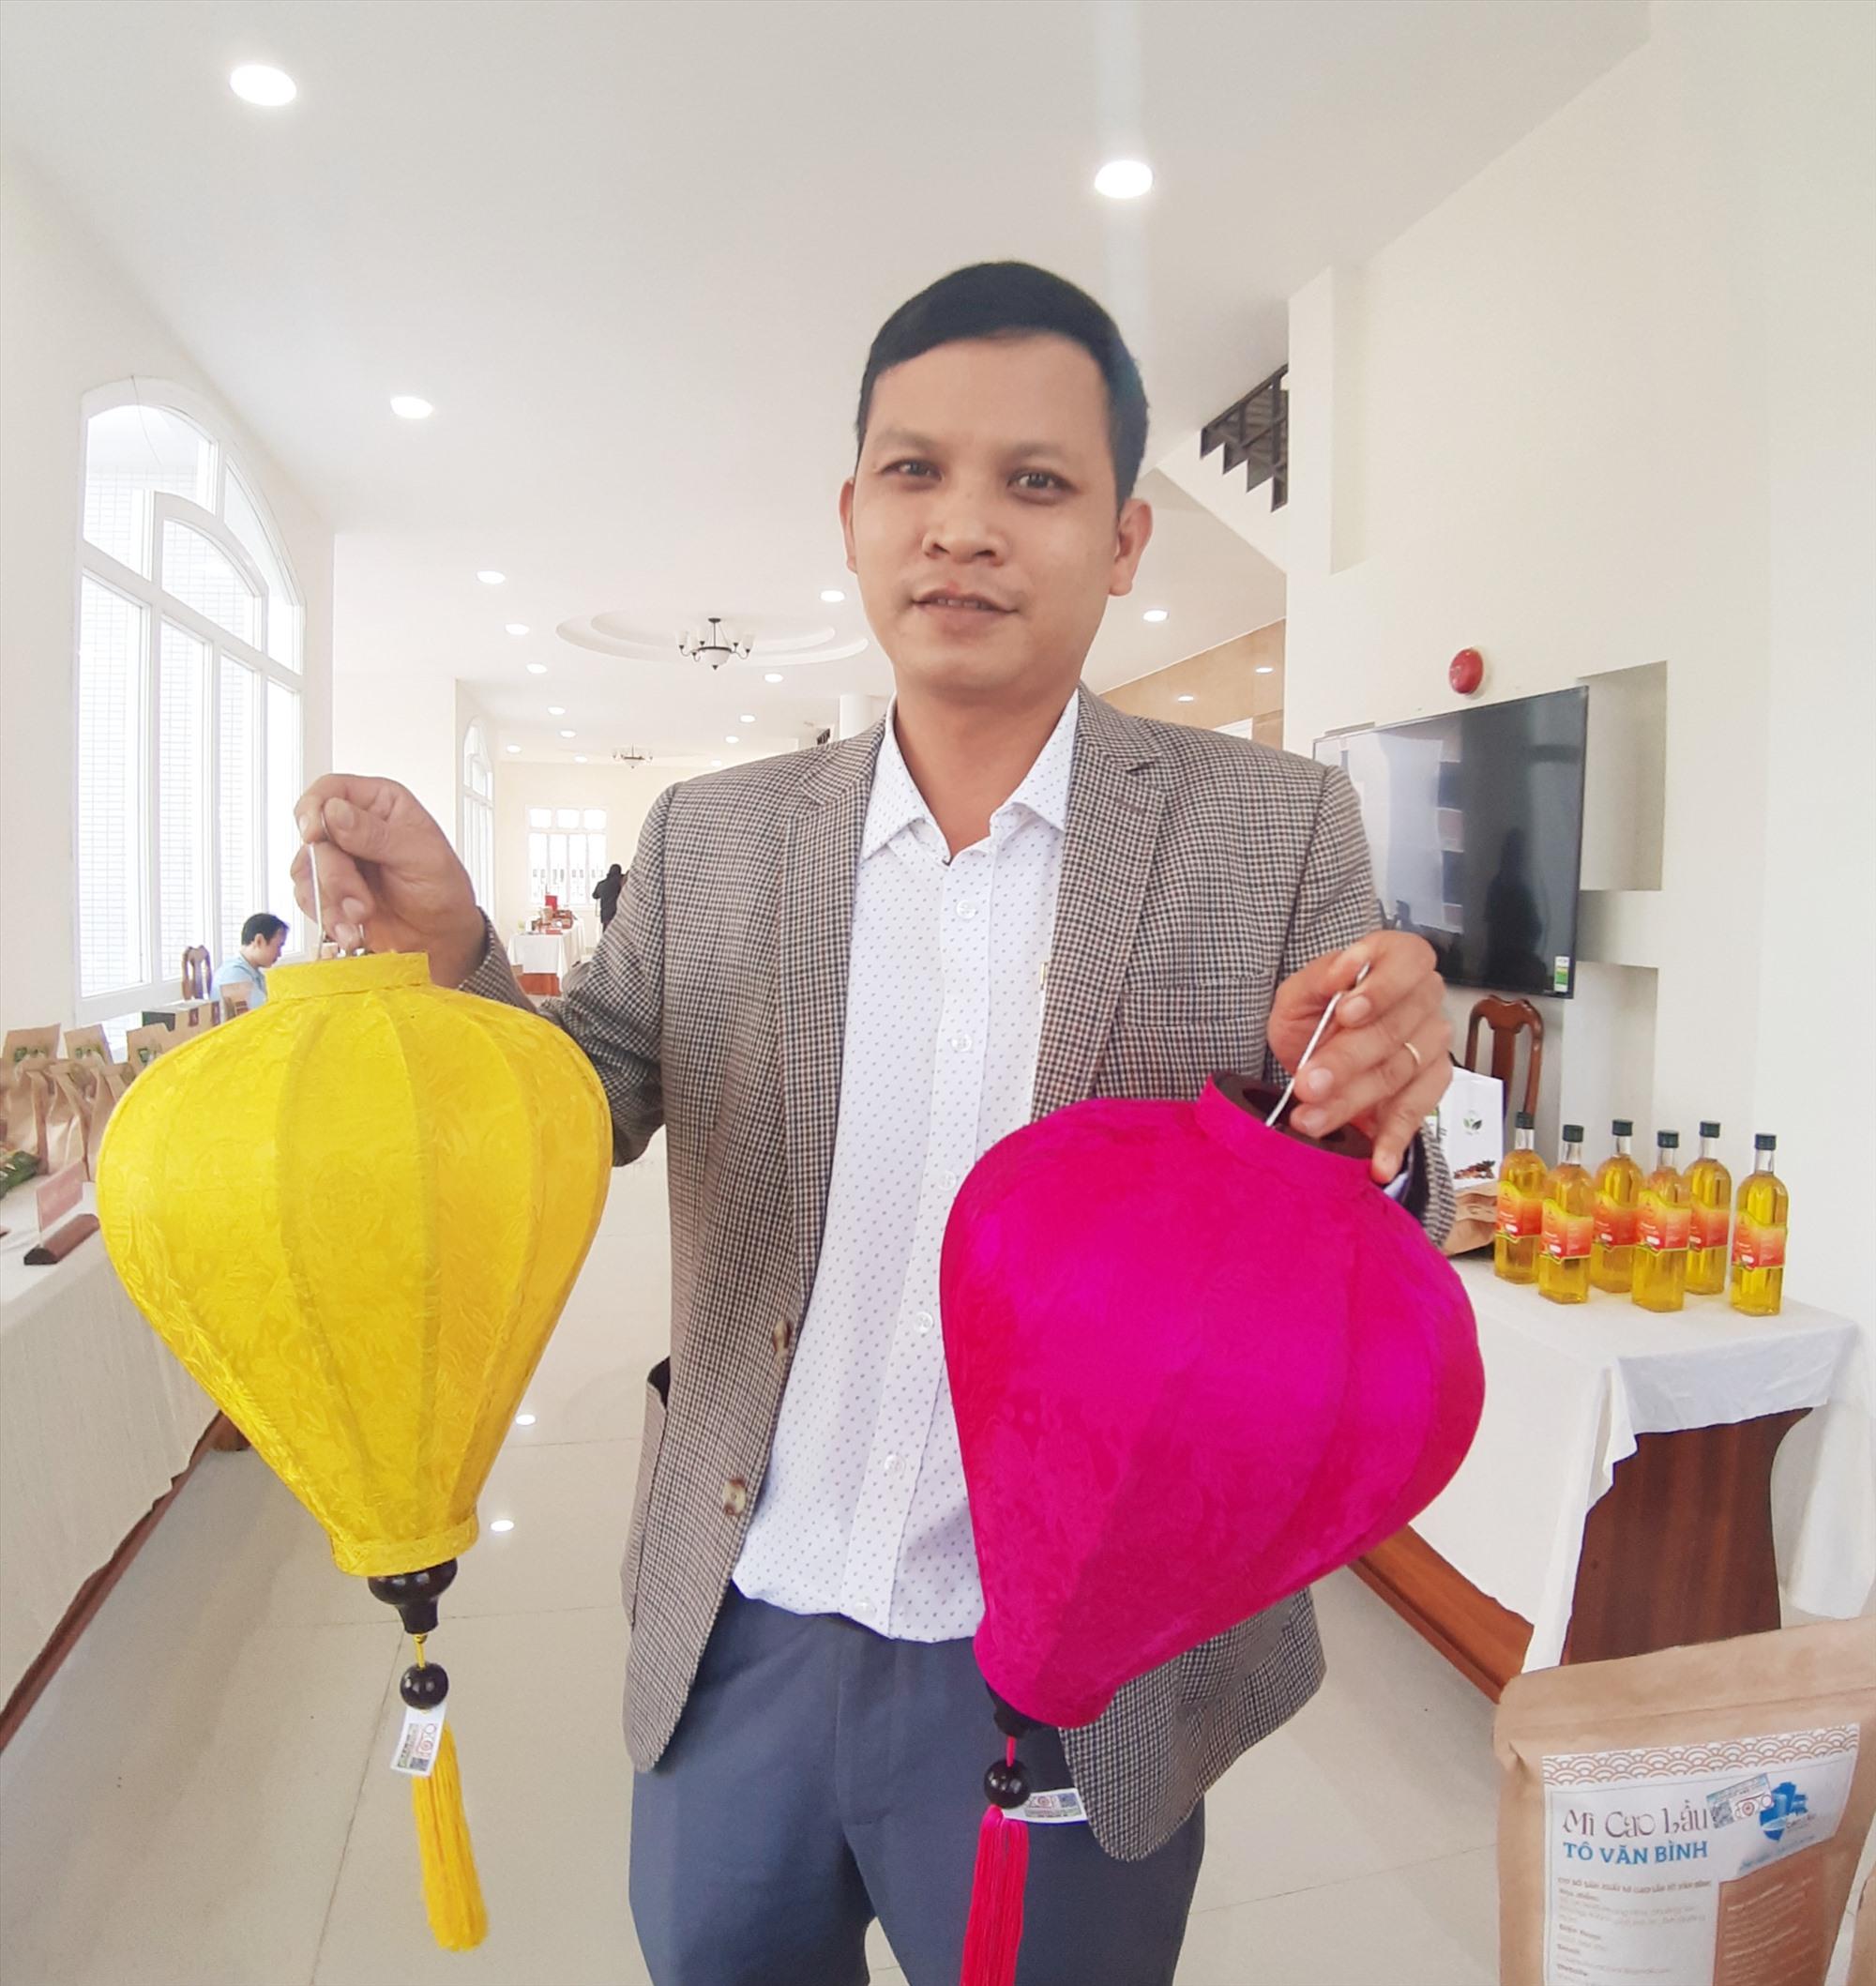 Đèn lồng Hội An là sản phẩm duy nhất của Quảng Nam được tỉnh đề nghị Trung ương công nhận đạt chuẩn OCOP 5 sao năm 2020. Ảnh: VĂN SỰ